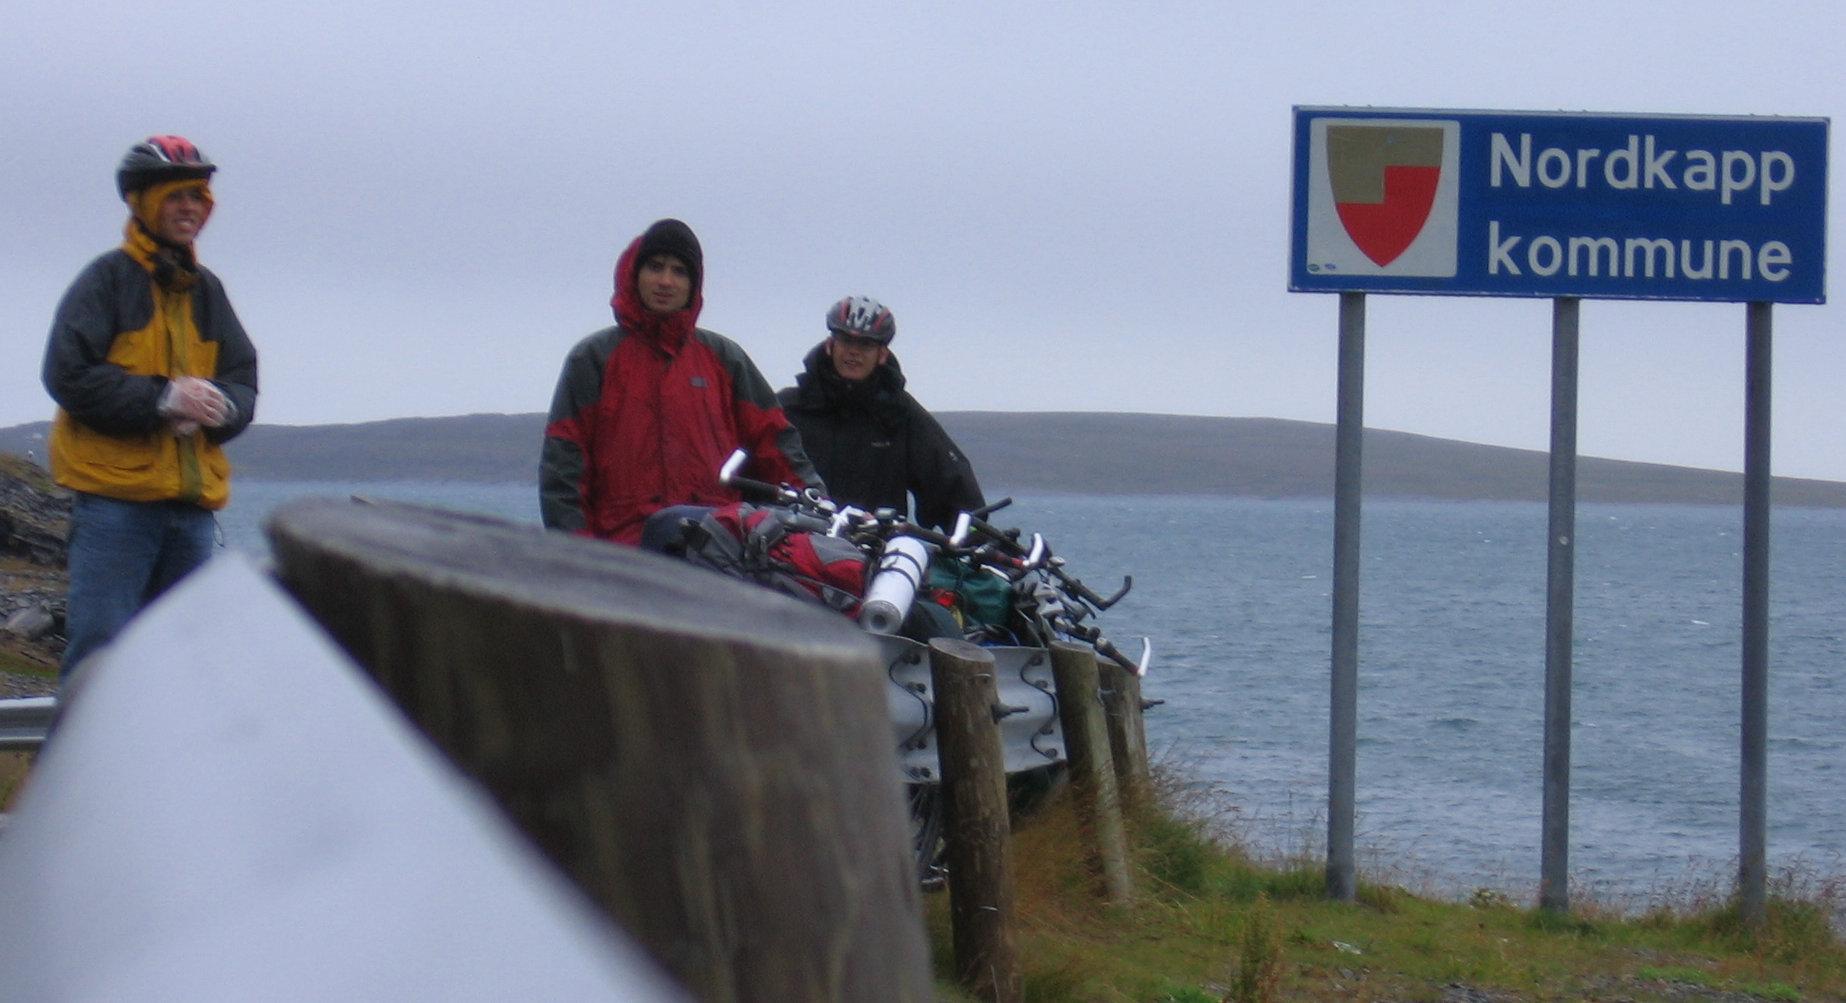 Grossistmedarbeider Kristiansand, Speed Dating Nordkapp